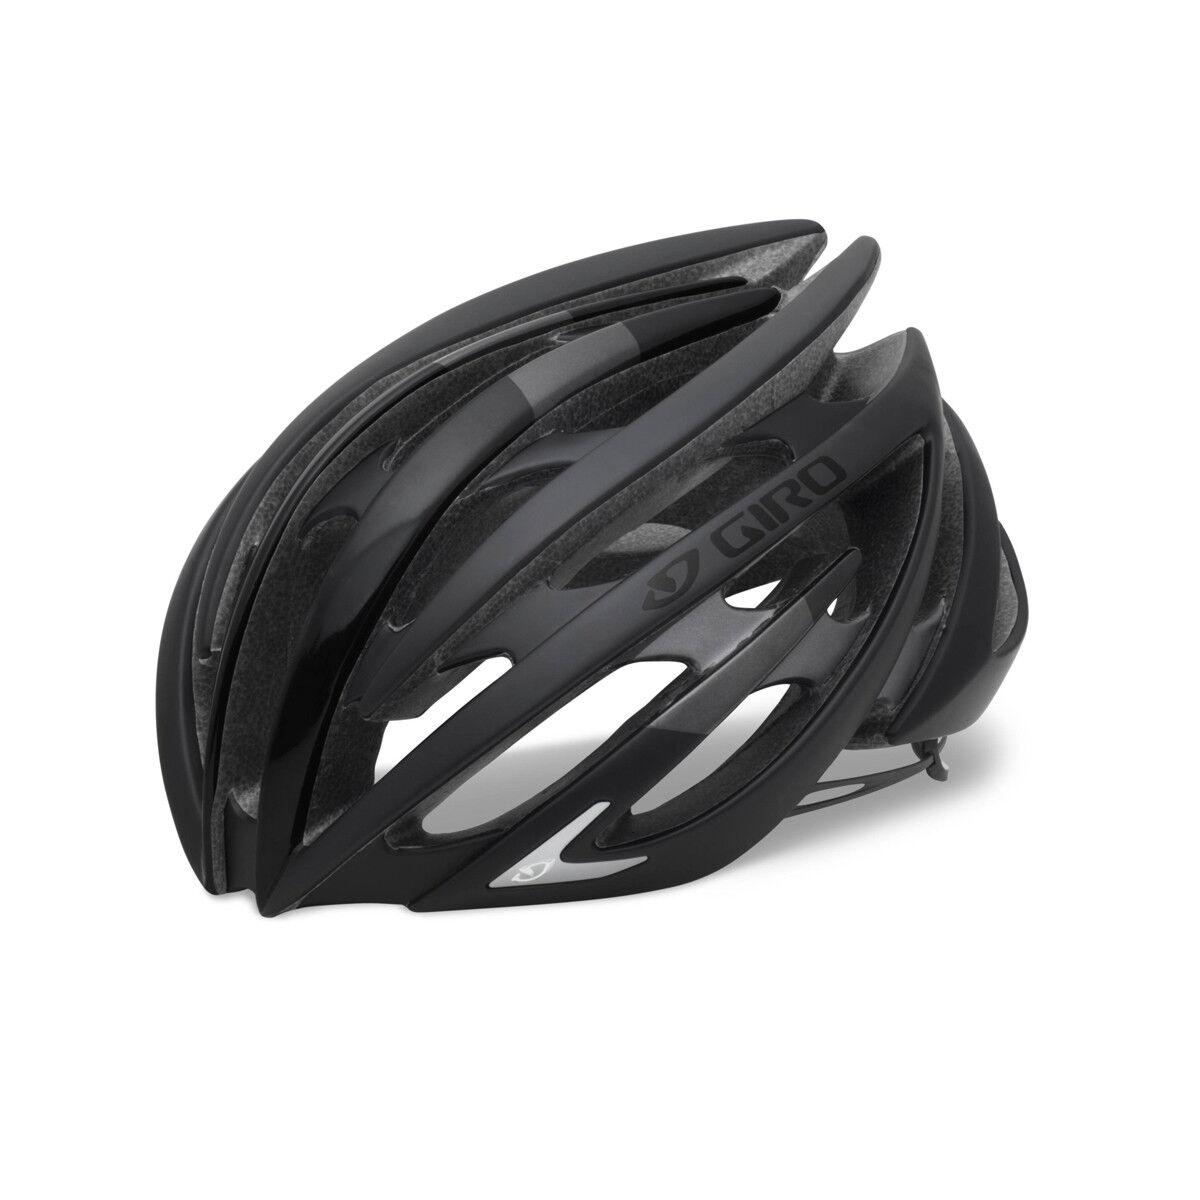 Giro Giro Giro Aeon vélo de course Vélo Casque Noir 2019 19c90e